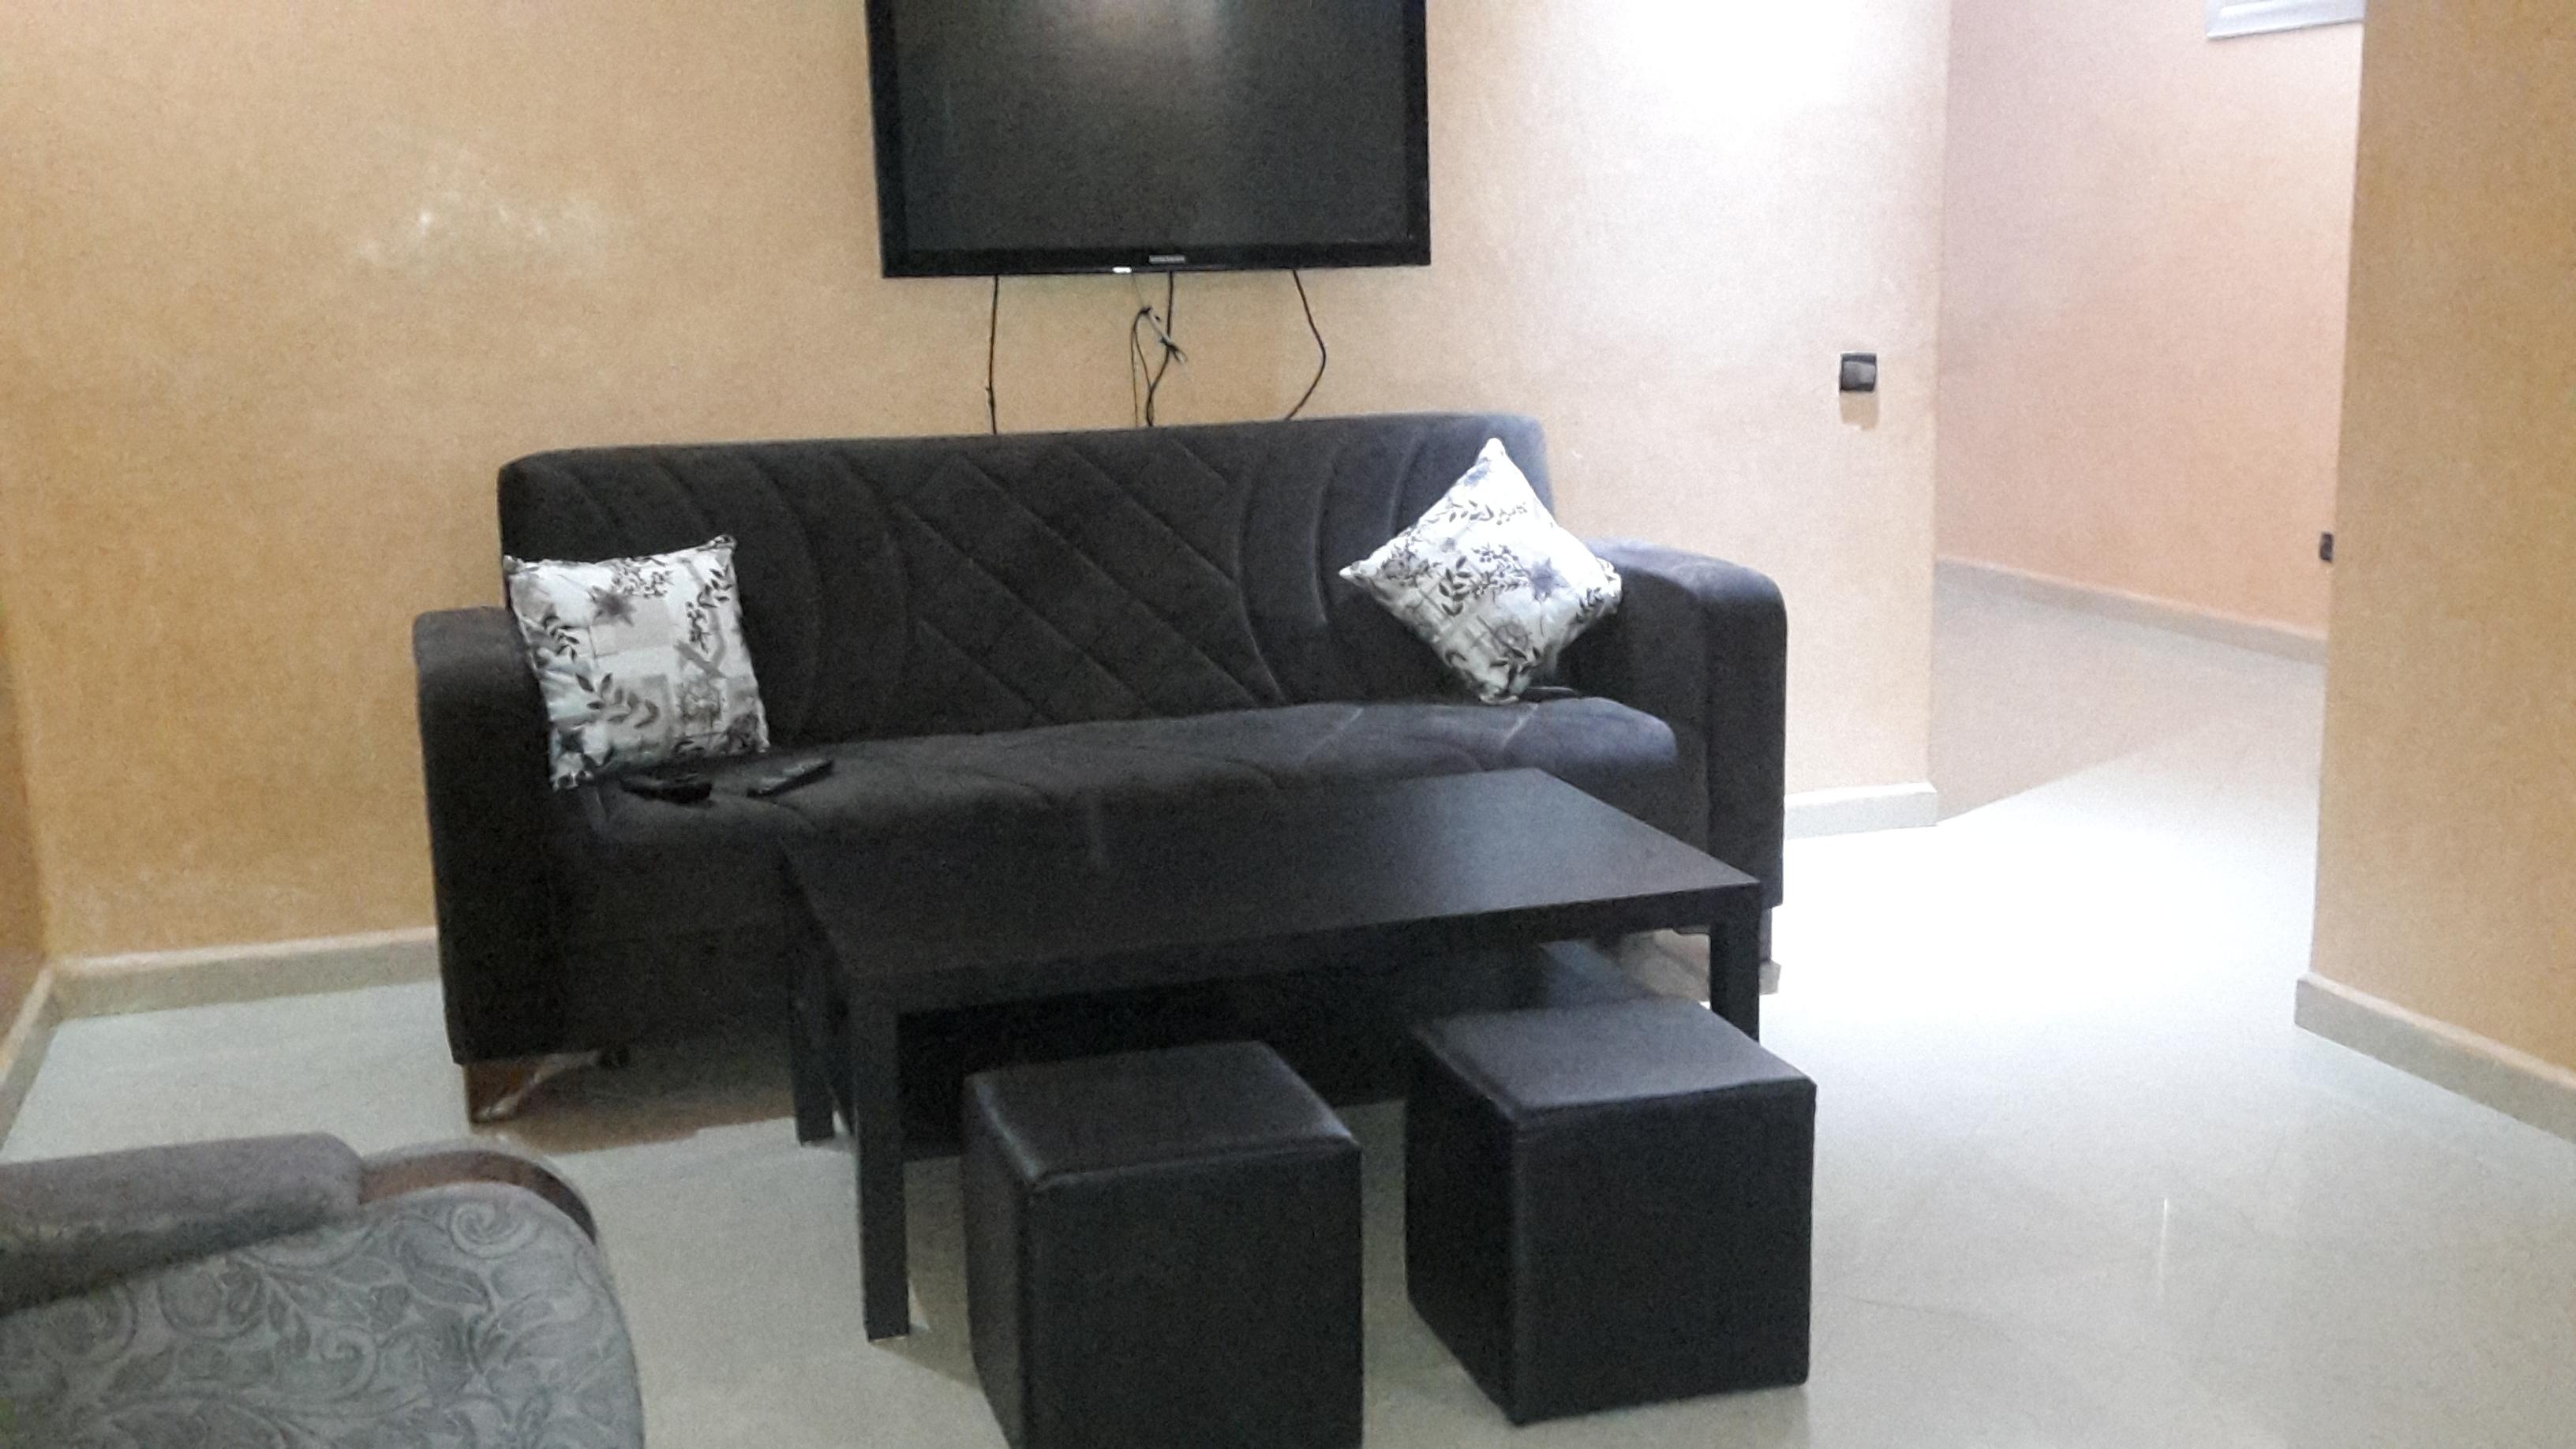 Image appartement de vacances haut standing à NOVA BEACH Village - Résidence balnéaire située à sidi rahal 9